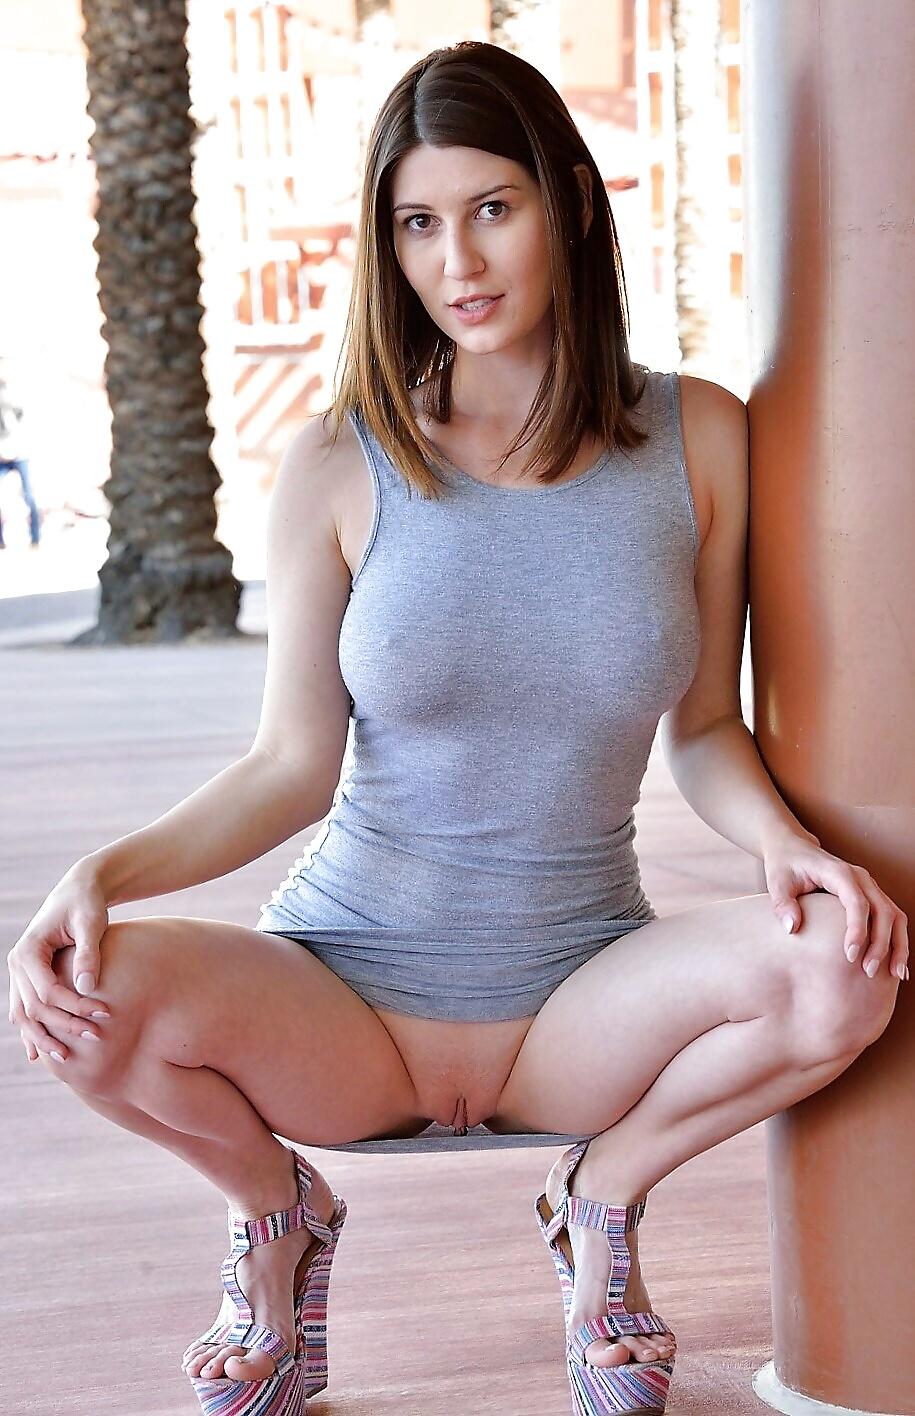 photo pour s'exciter devant sexe femme mature nue du 57